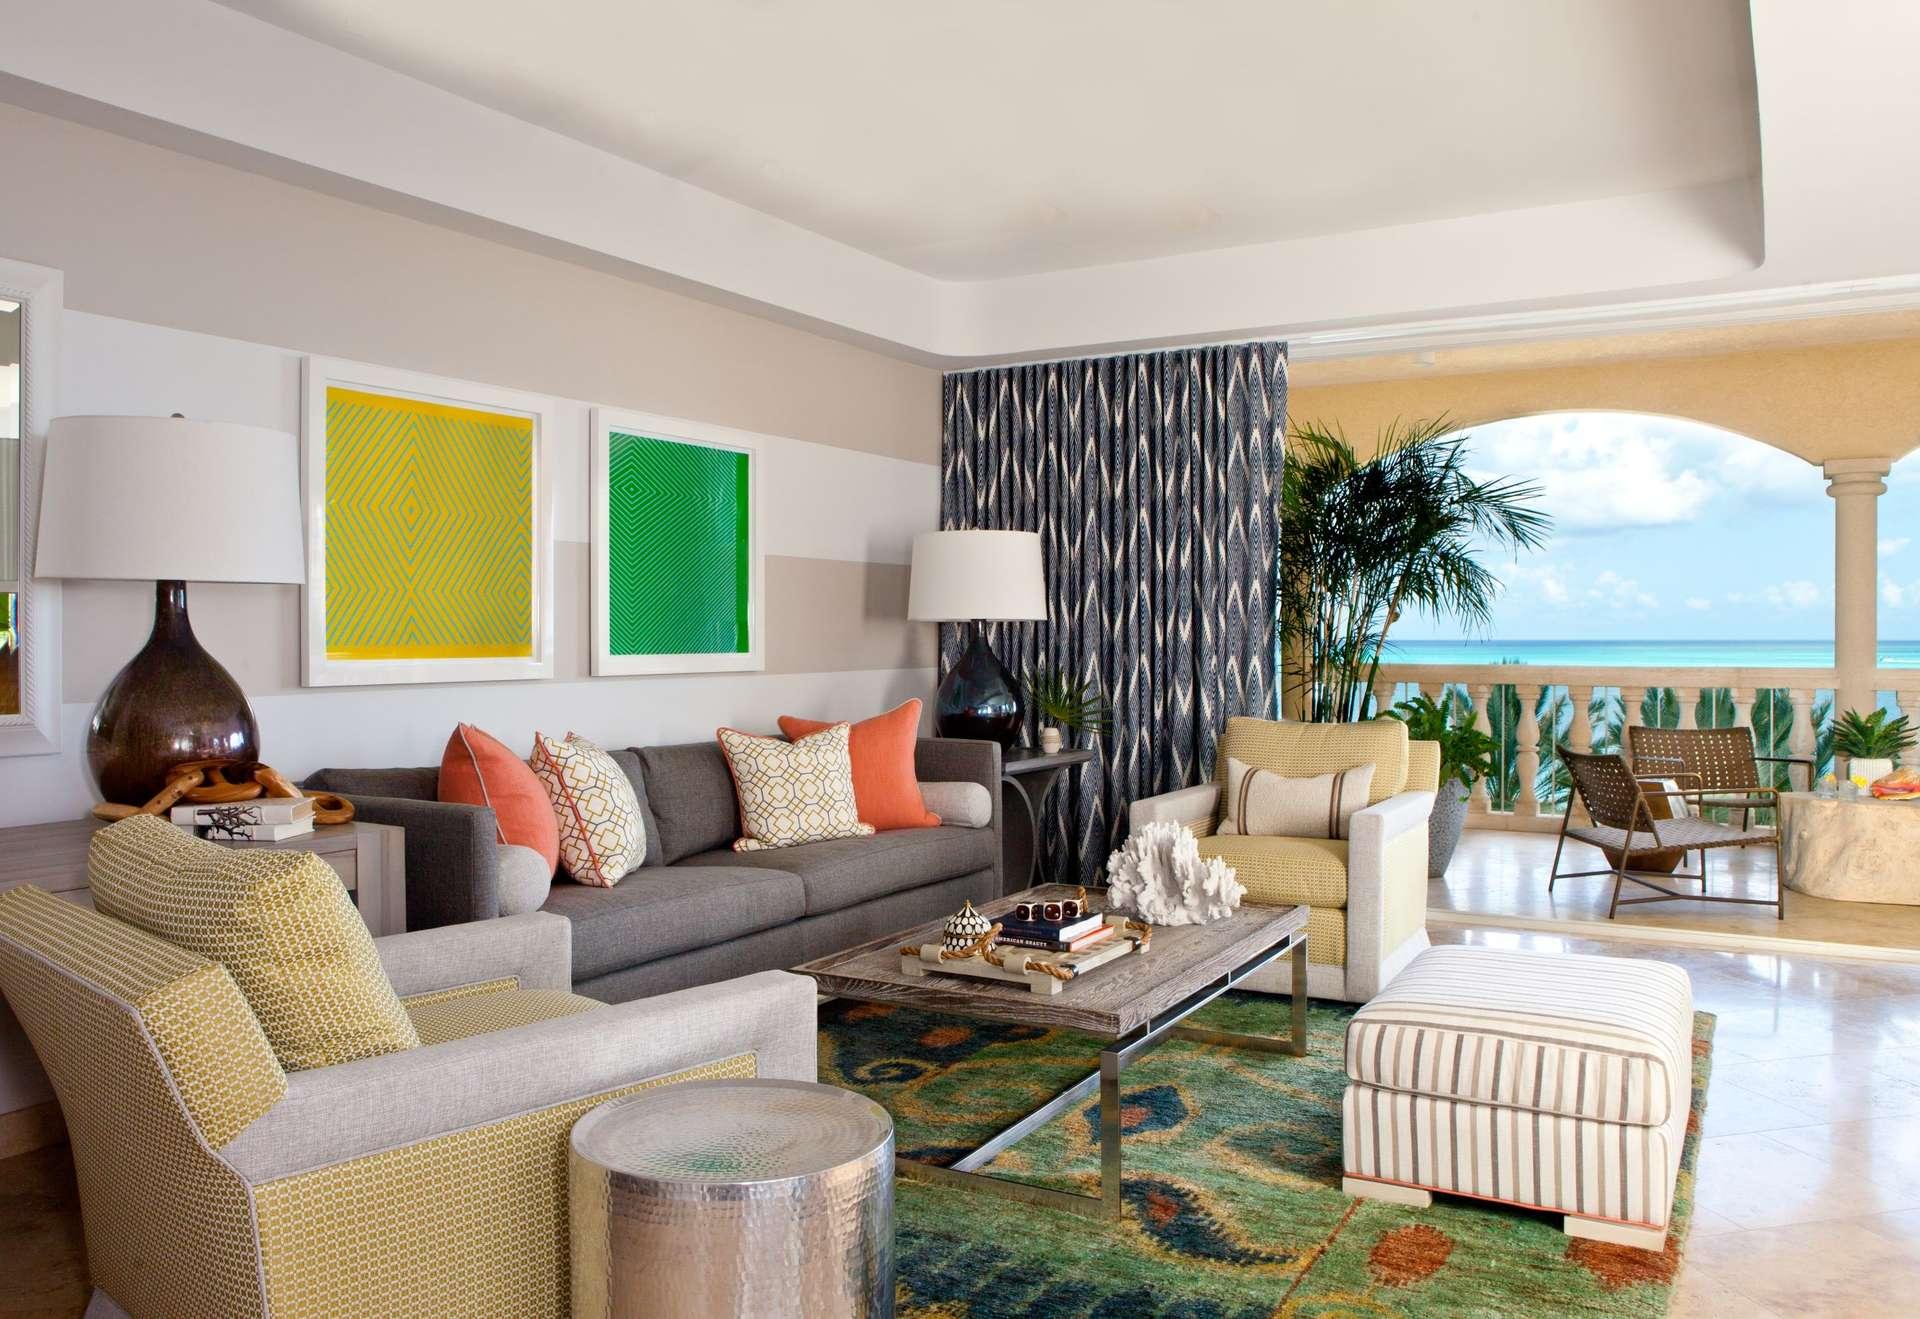 - Villas One Bedroom Suite - Image 1/8